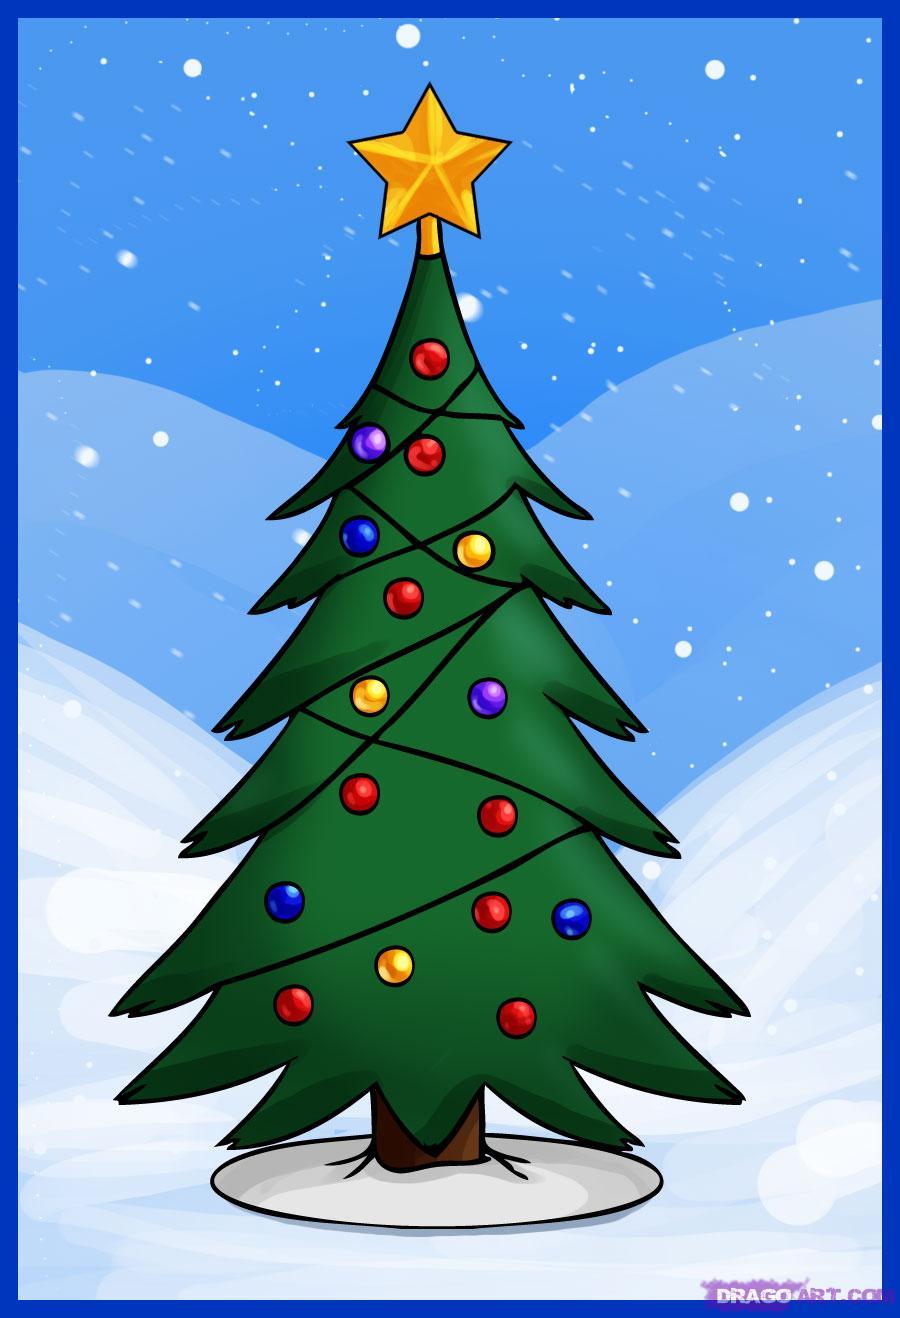 Drawn christmas tree A to tree Step Tree